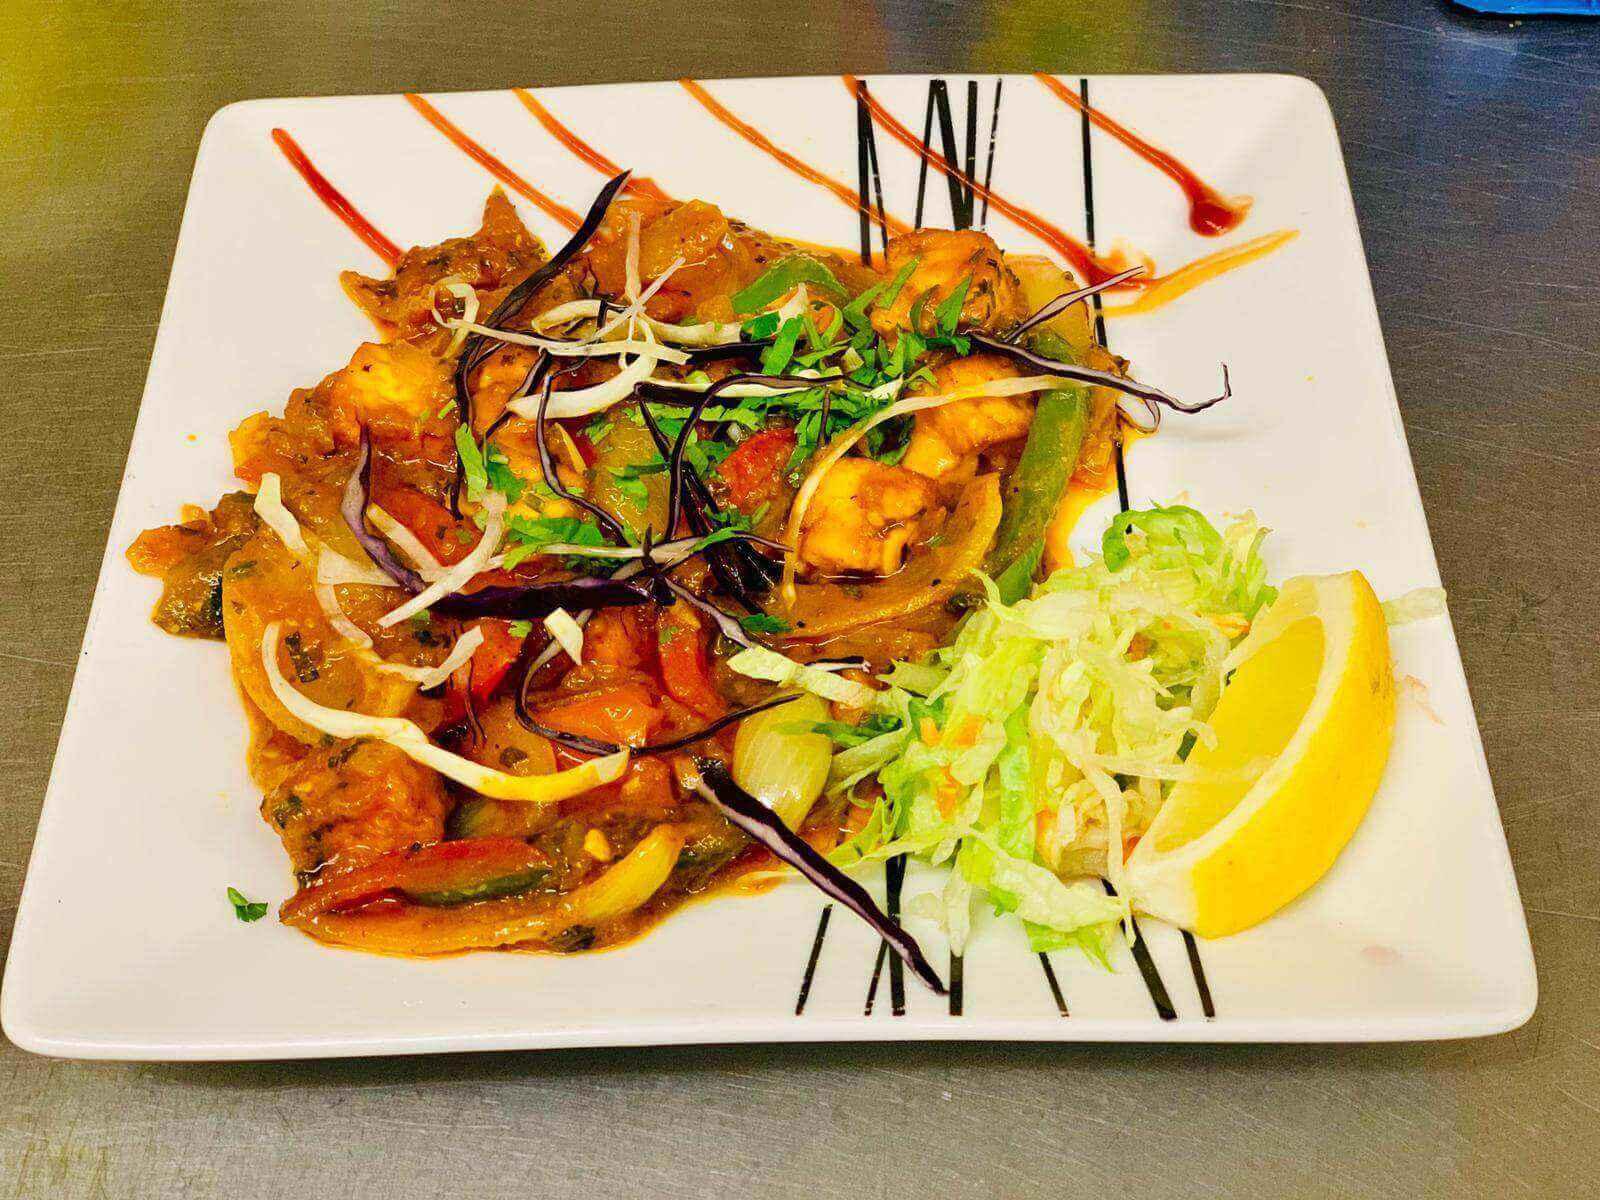 10. Takeaway Indian food khans restaurant battersea sw11